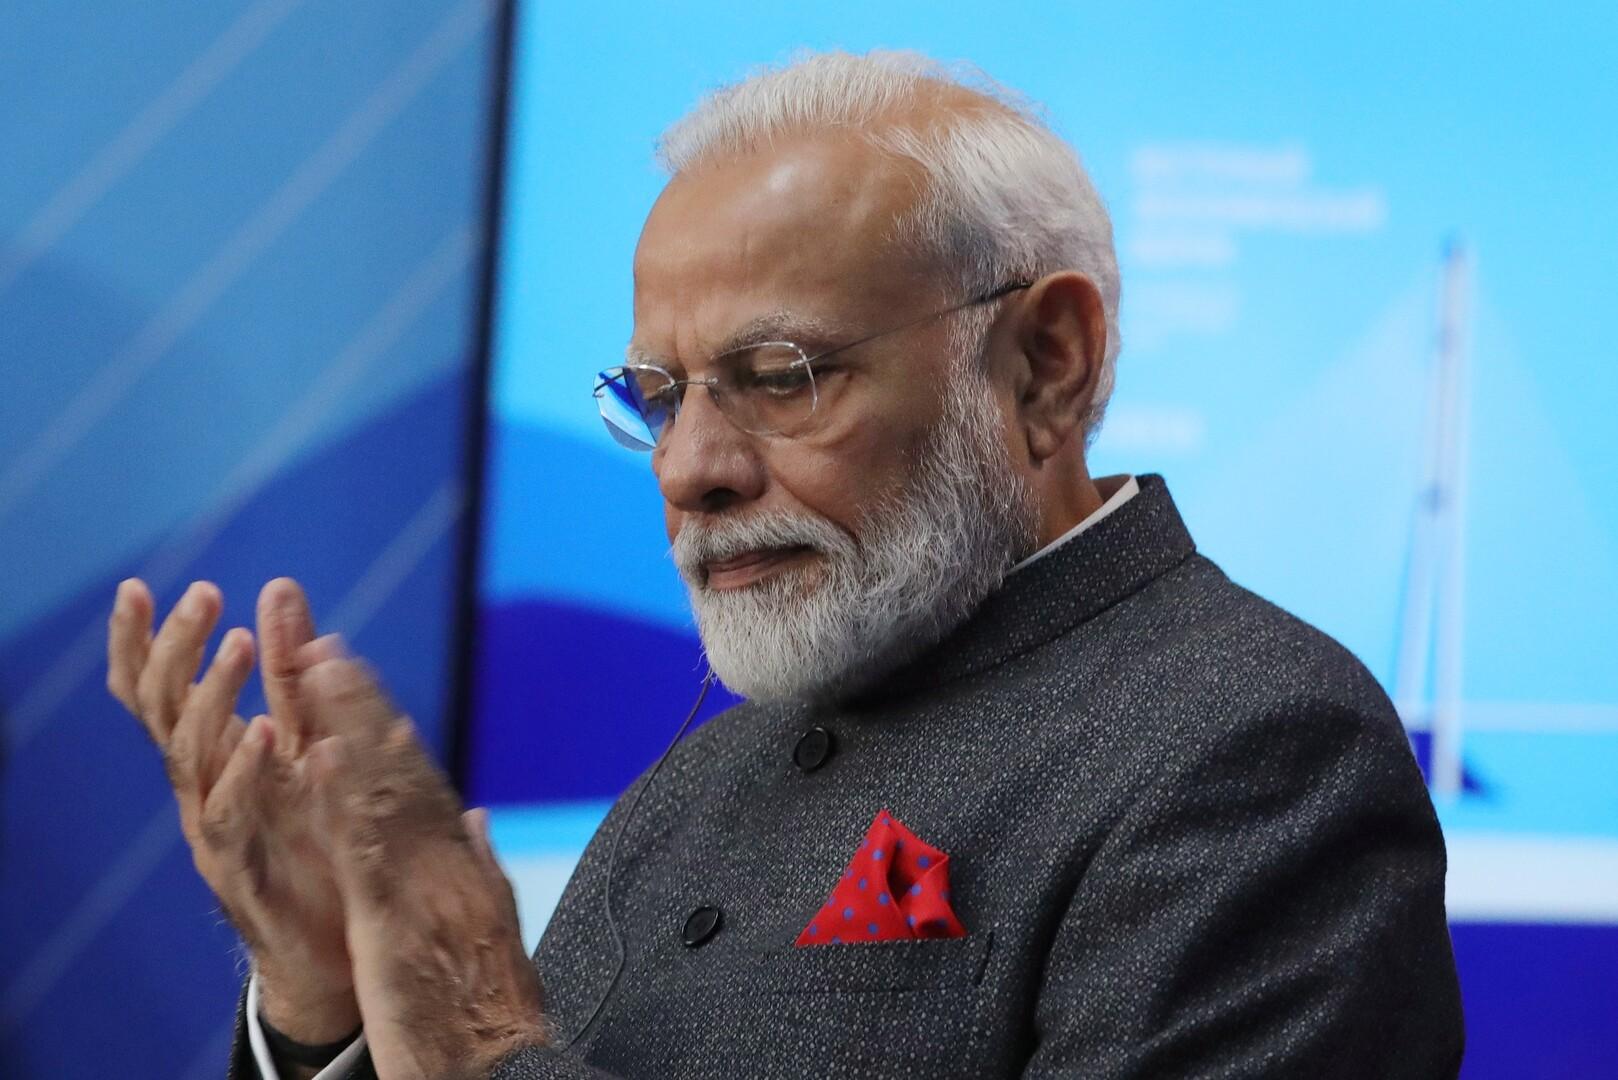 روسيا والهند تعتزمان مواصلة تعاونهما الاقتصادي مع إيران رغم العقوبات الأمريكية